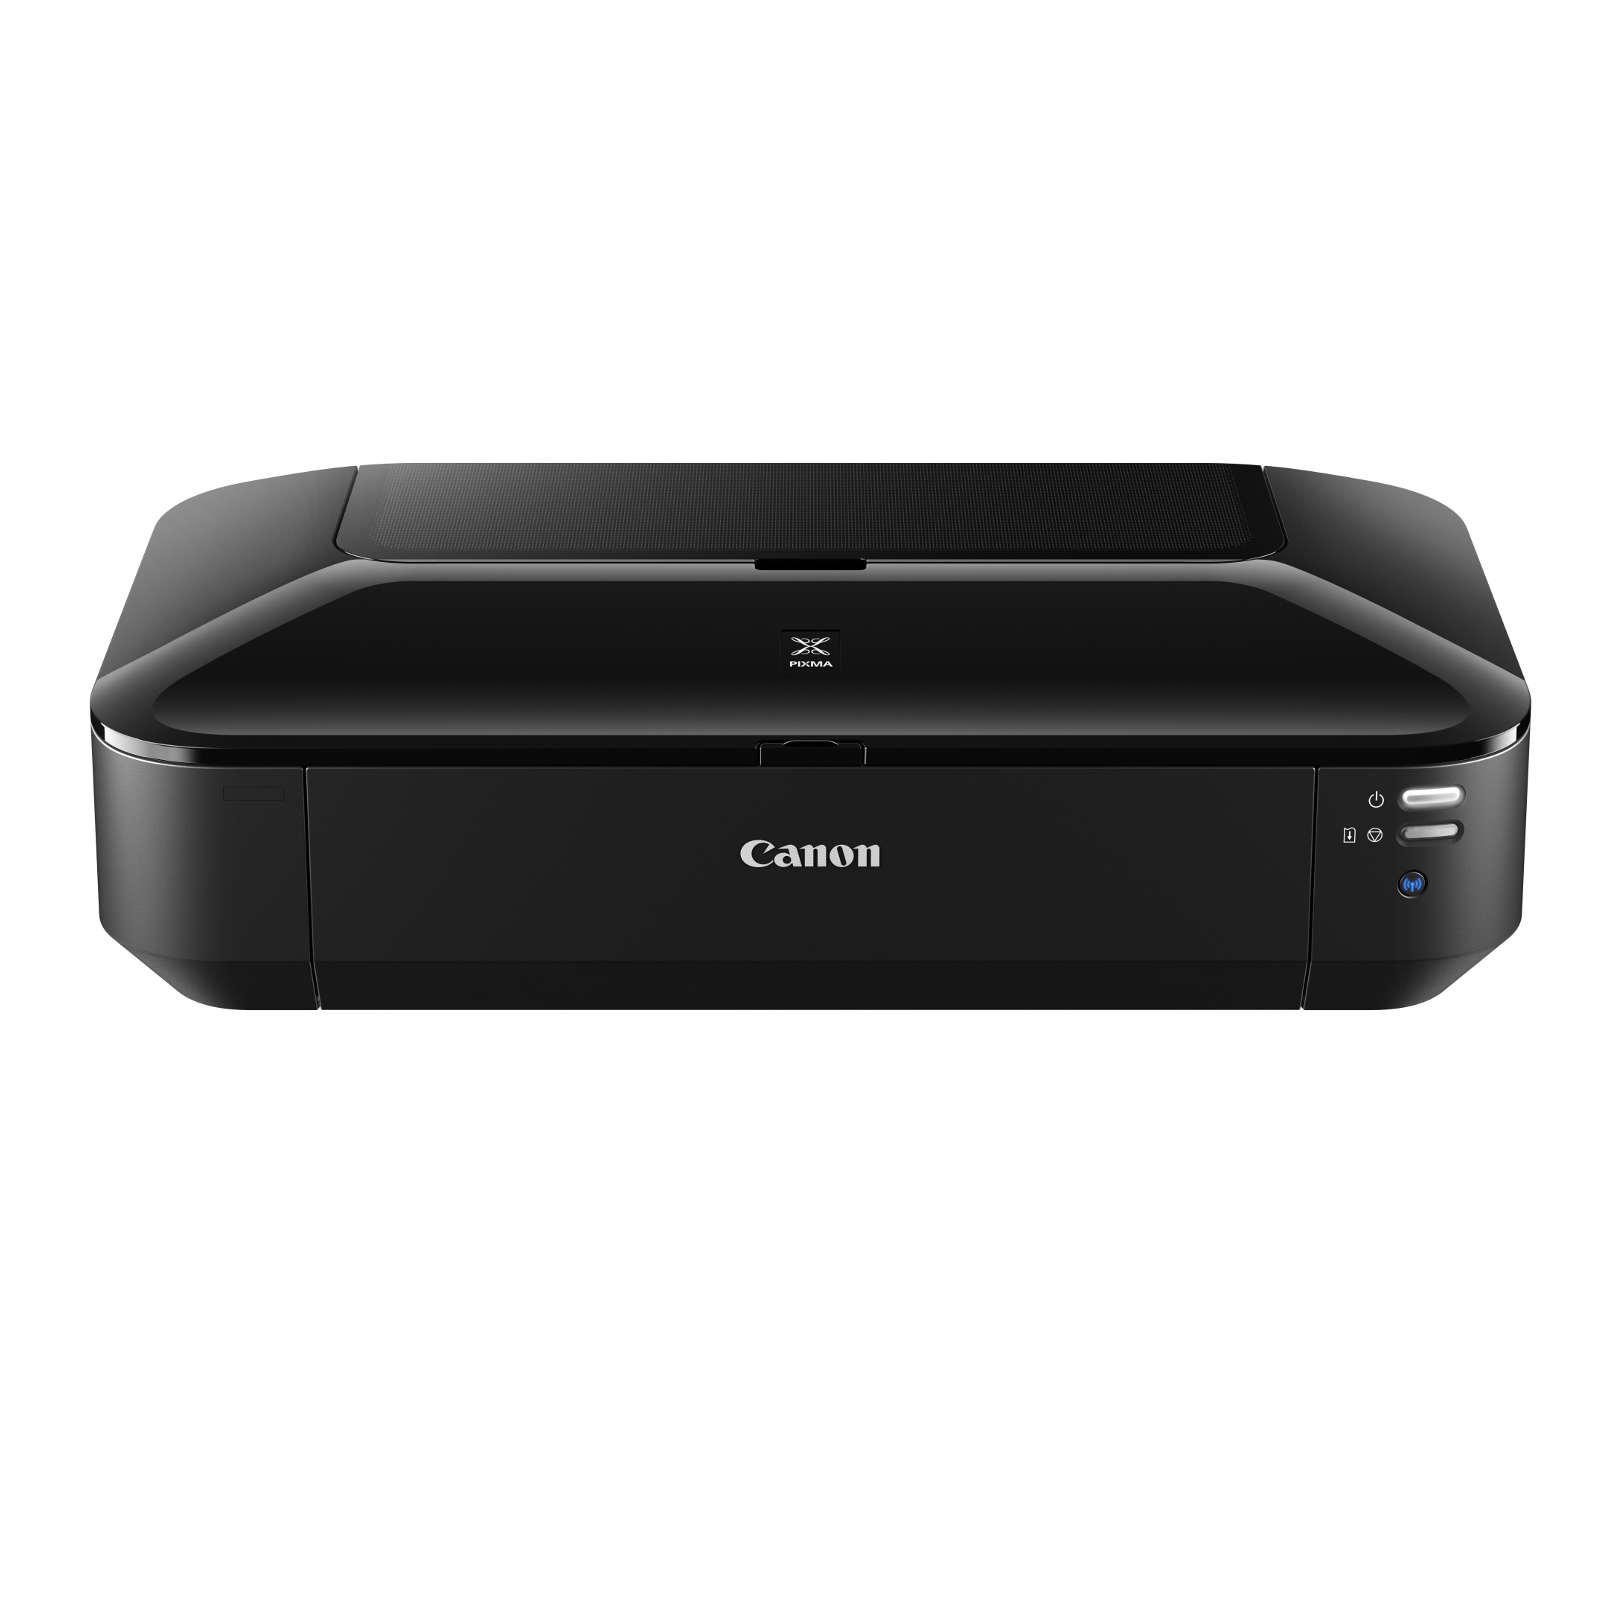 canon pixma ix6850 8747b006 achat imprimante jet d 39 encre canon pour professionnels sur. Black Bedroom Furniture Sets. Home Design Ideas